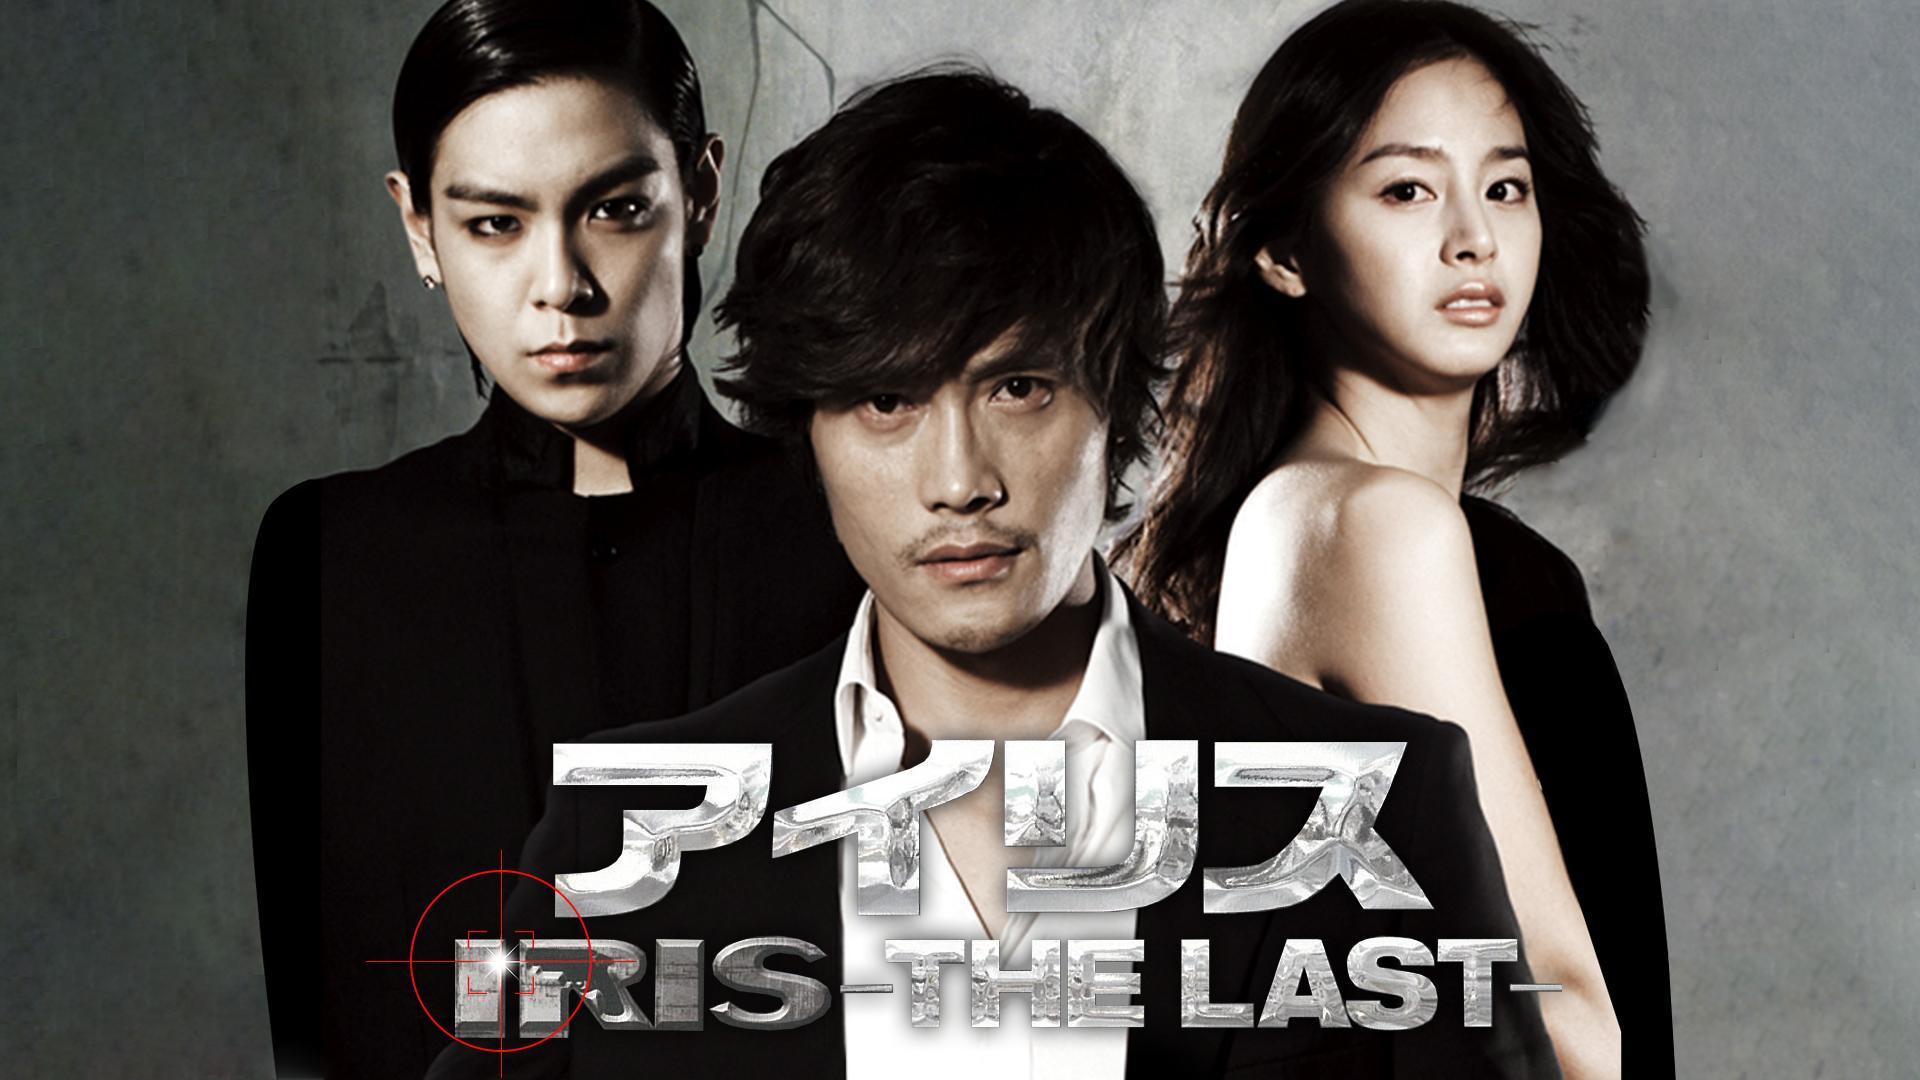 映画『アイリス -THE LAST-』ドラマの総集編と言われている理由は?【ネタバレあり】